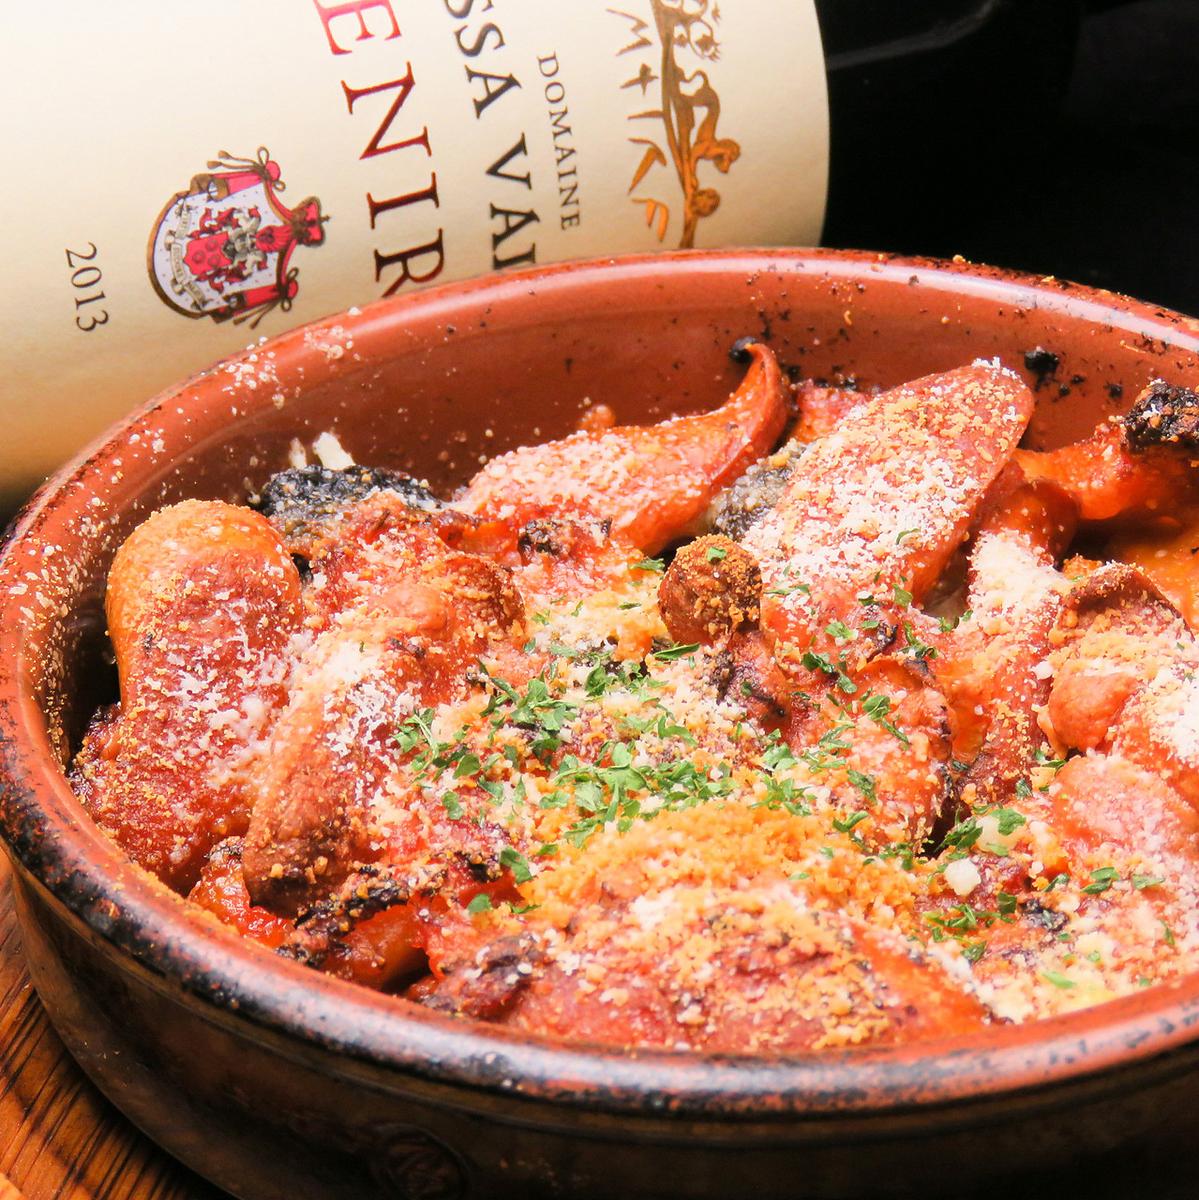 牛肉蜂蜜和香肠炖西红柿